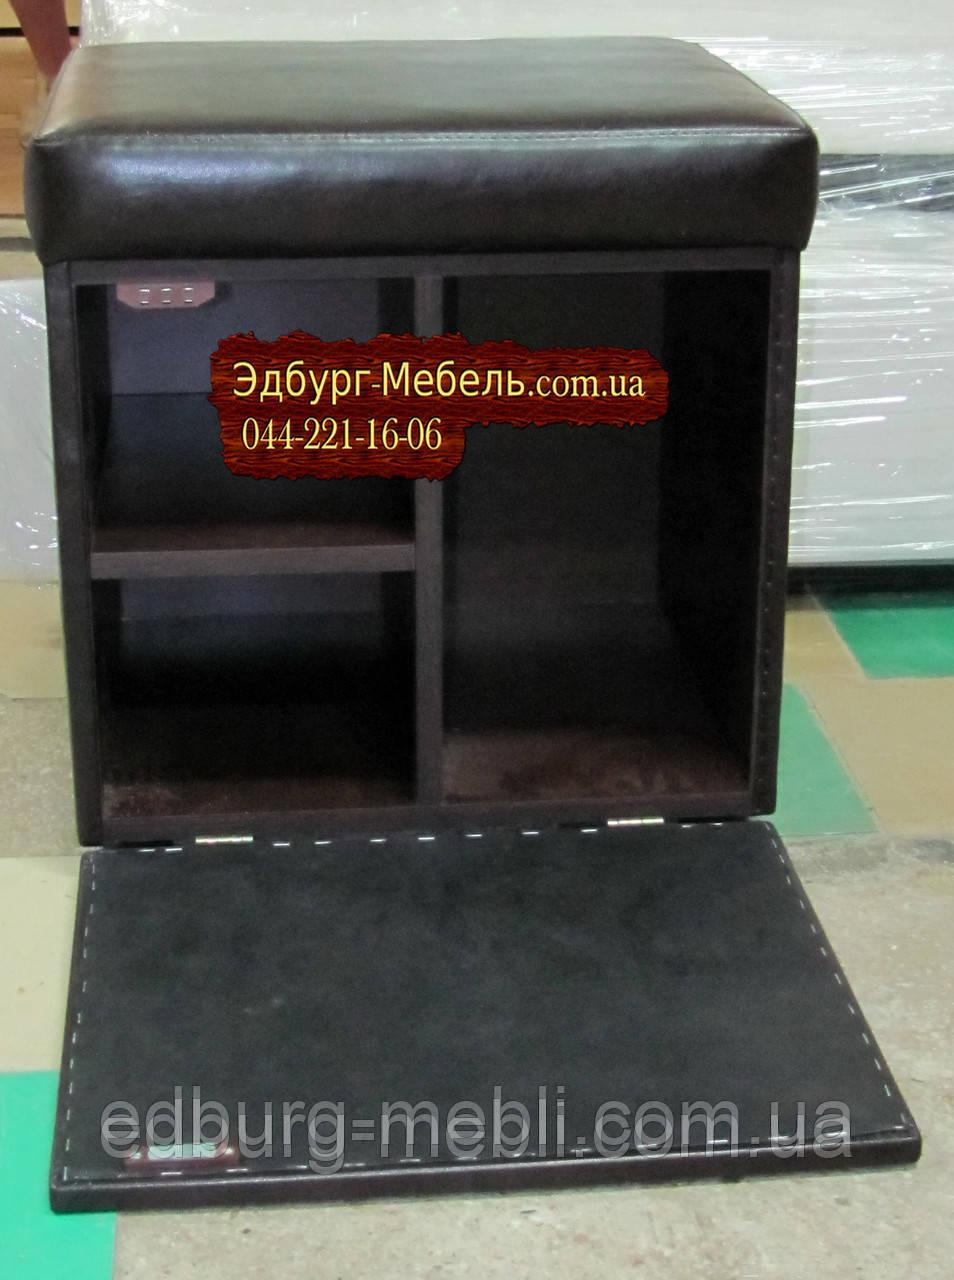 Пуф-шкаф под заказ 500х400х540мм.